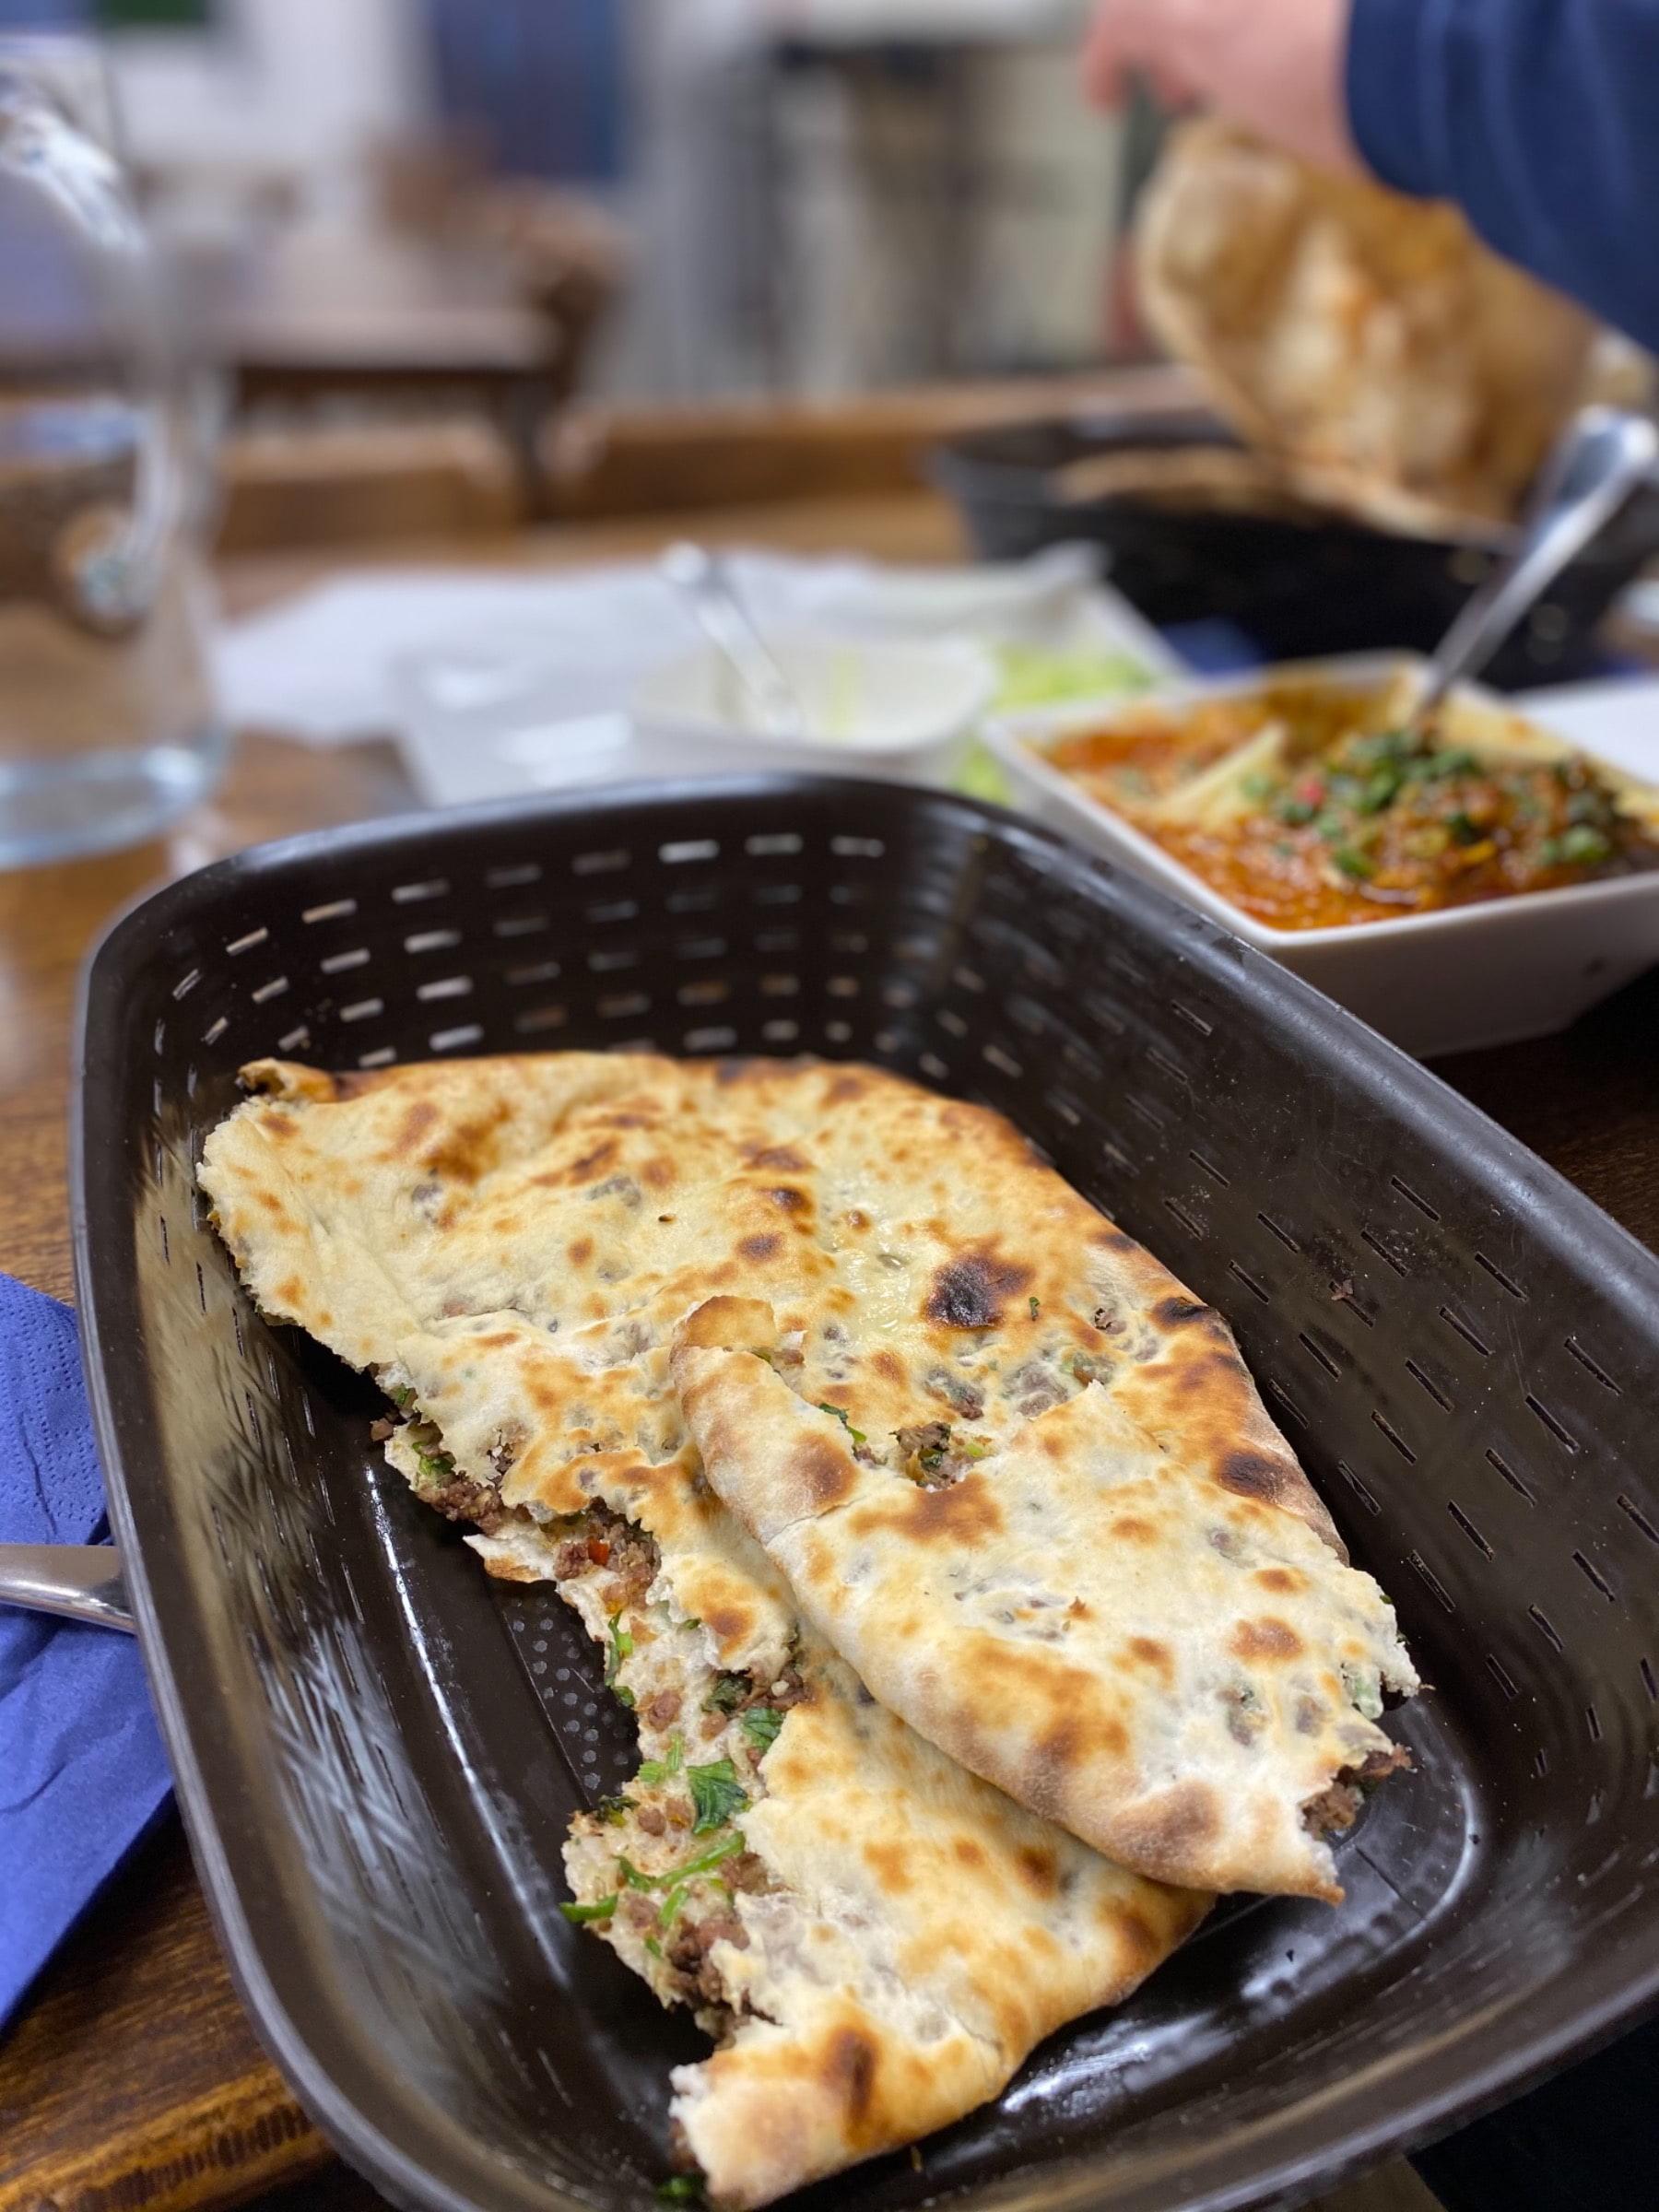 Köttfärs inbakad naan bröd – Bild från Spice Villa av Madiha S.